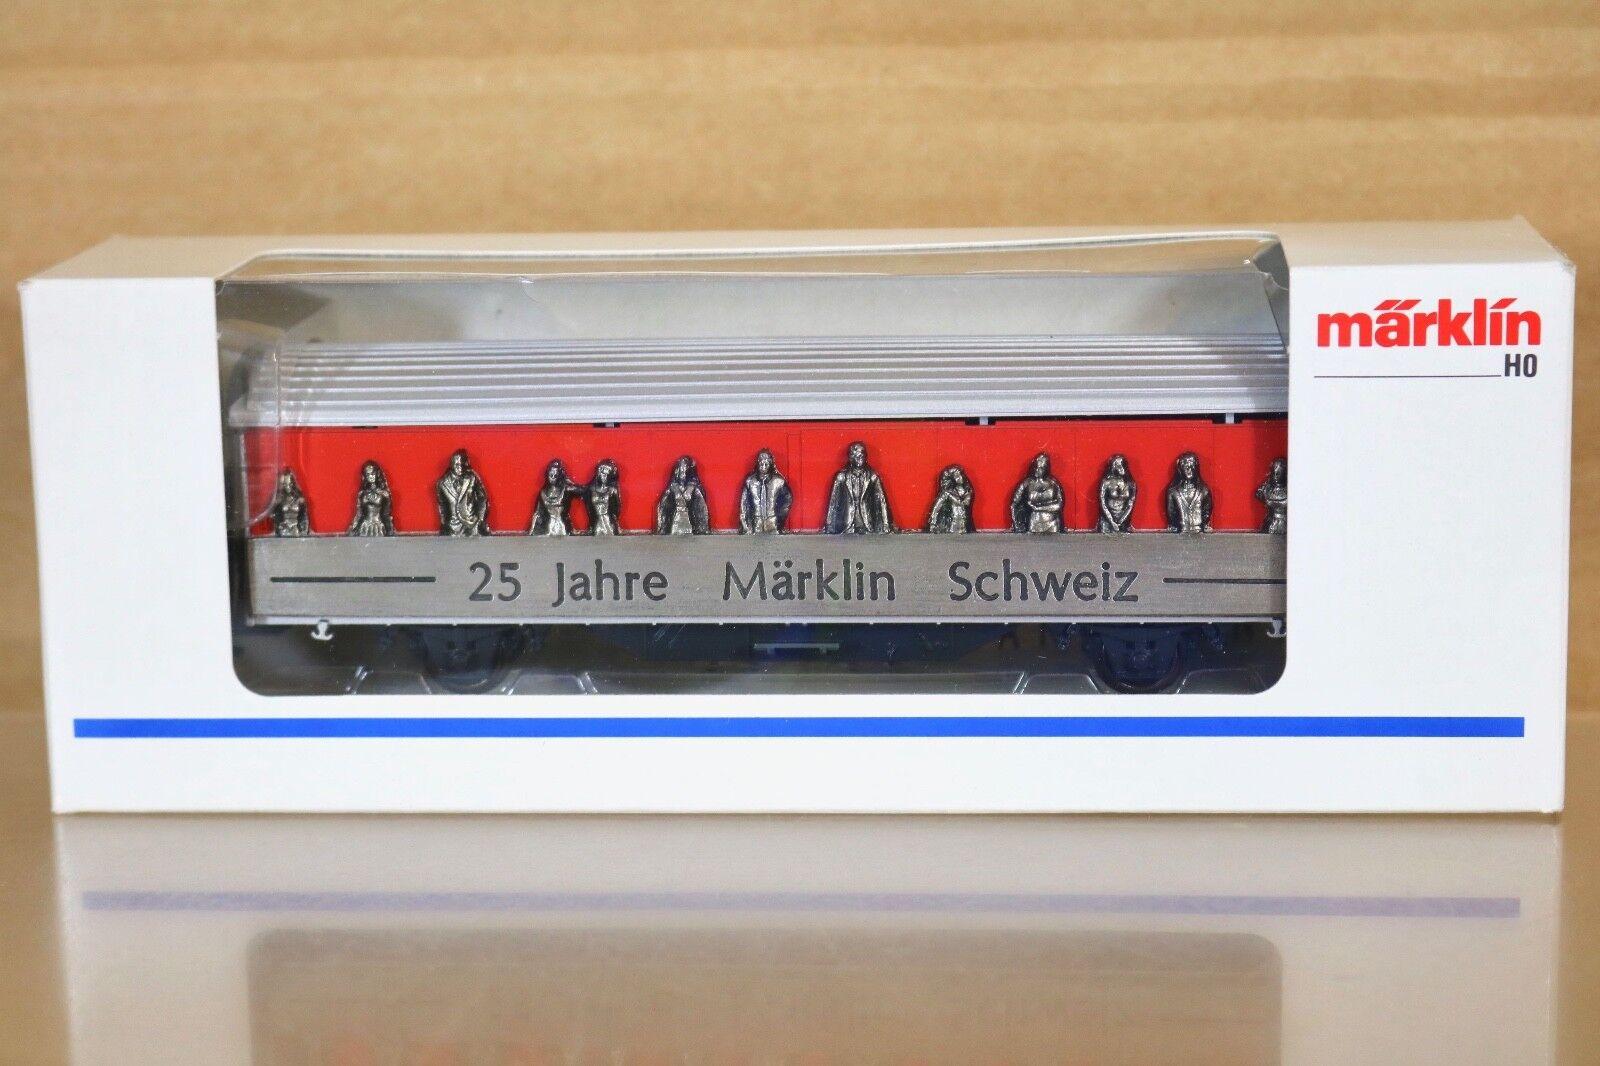 Marklin Märklin 4735,929 Sondermodell SBB Cff Hbils 25 Ans Schweiz Wagon